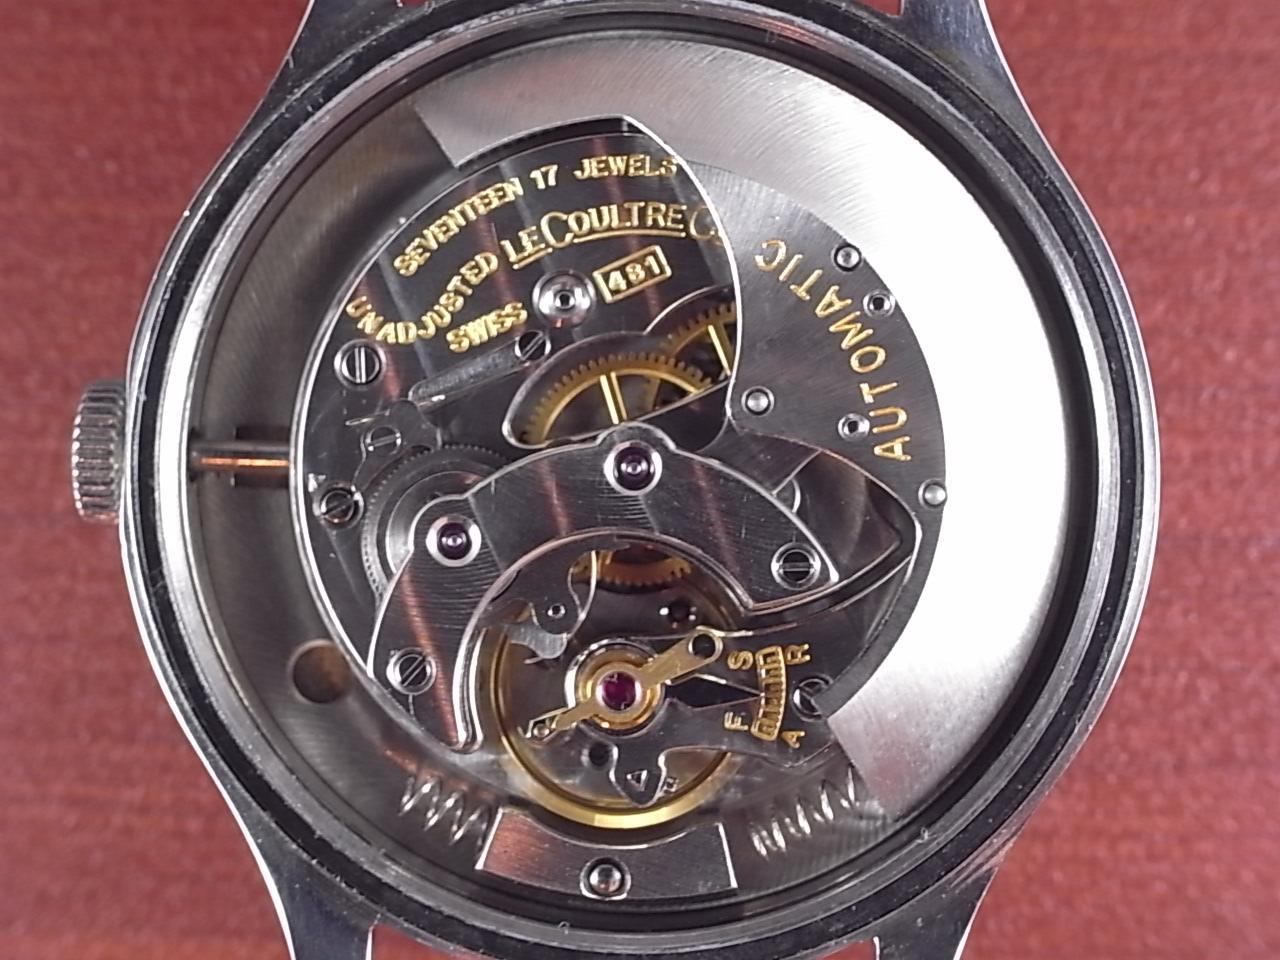 ルクルト インジケーター バンパーオートマチック スクリューバック 1950年代の写真5枚目